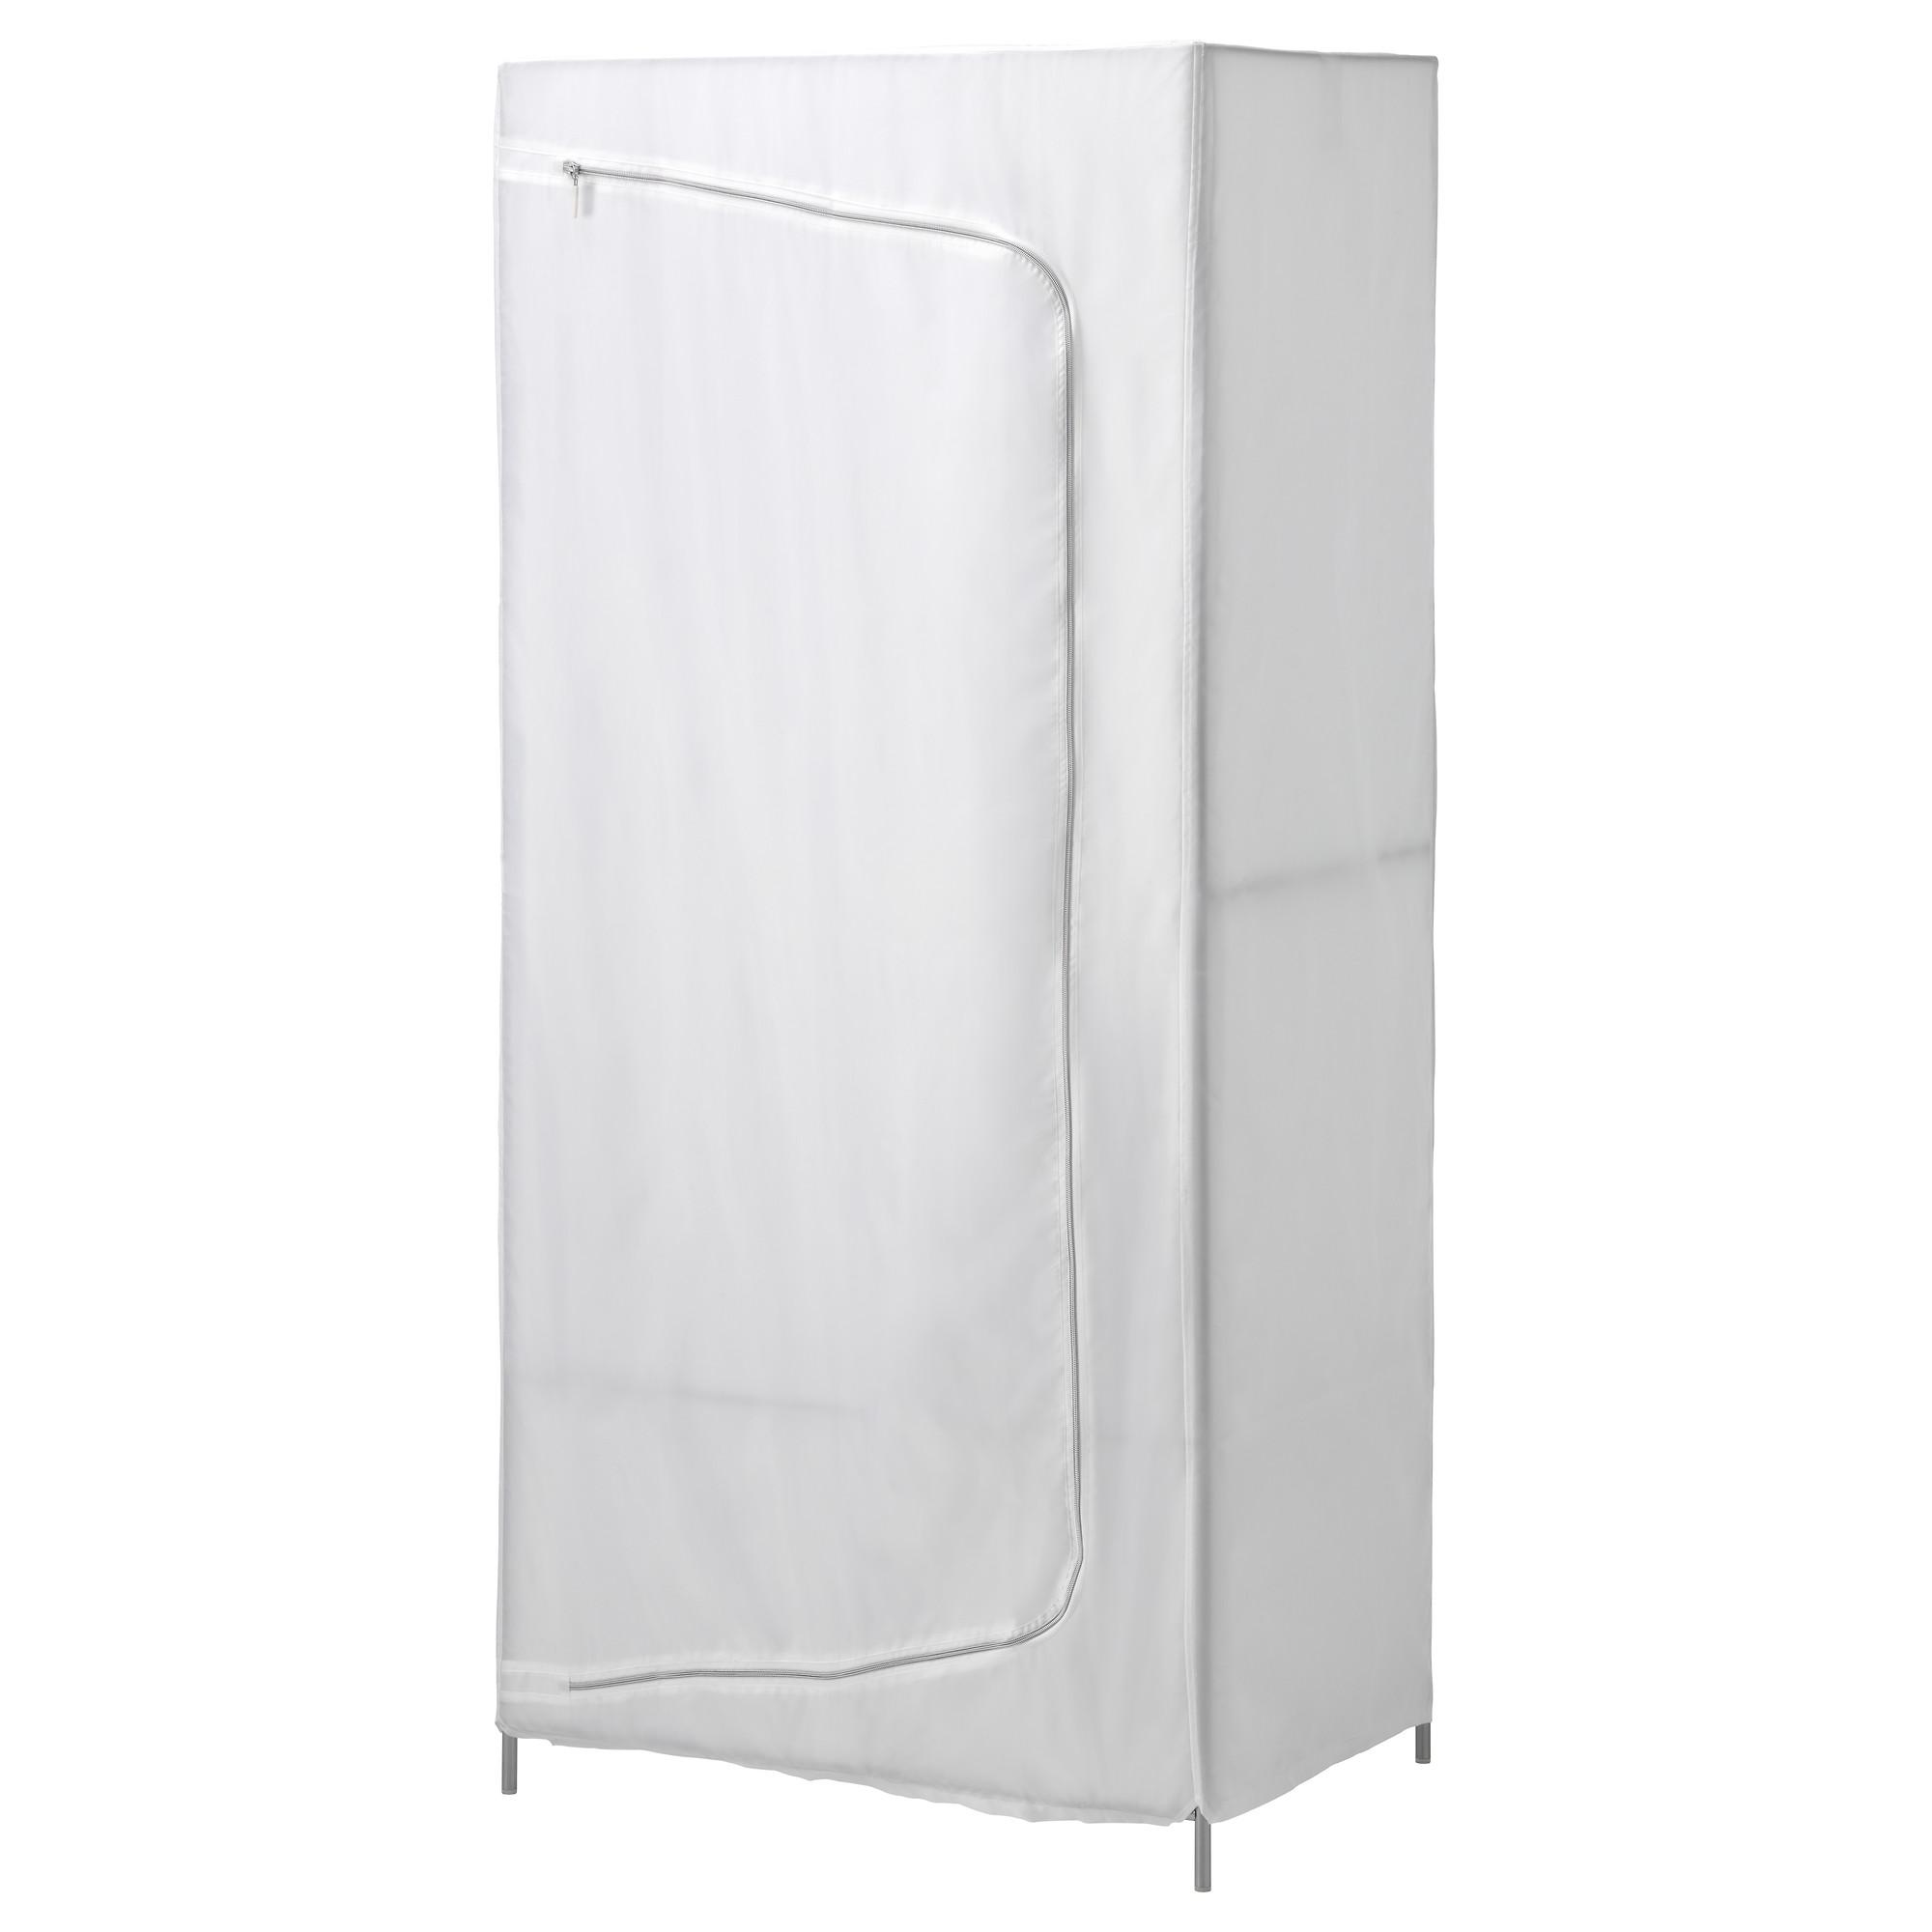 Unique Inter IKEA Systems B.V. 1999 - 2017 | Privacy Policy portable wardrobe ikea